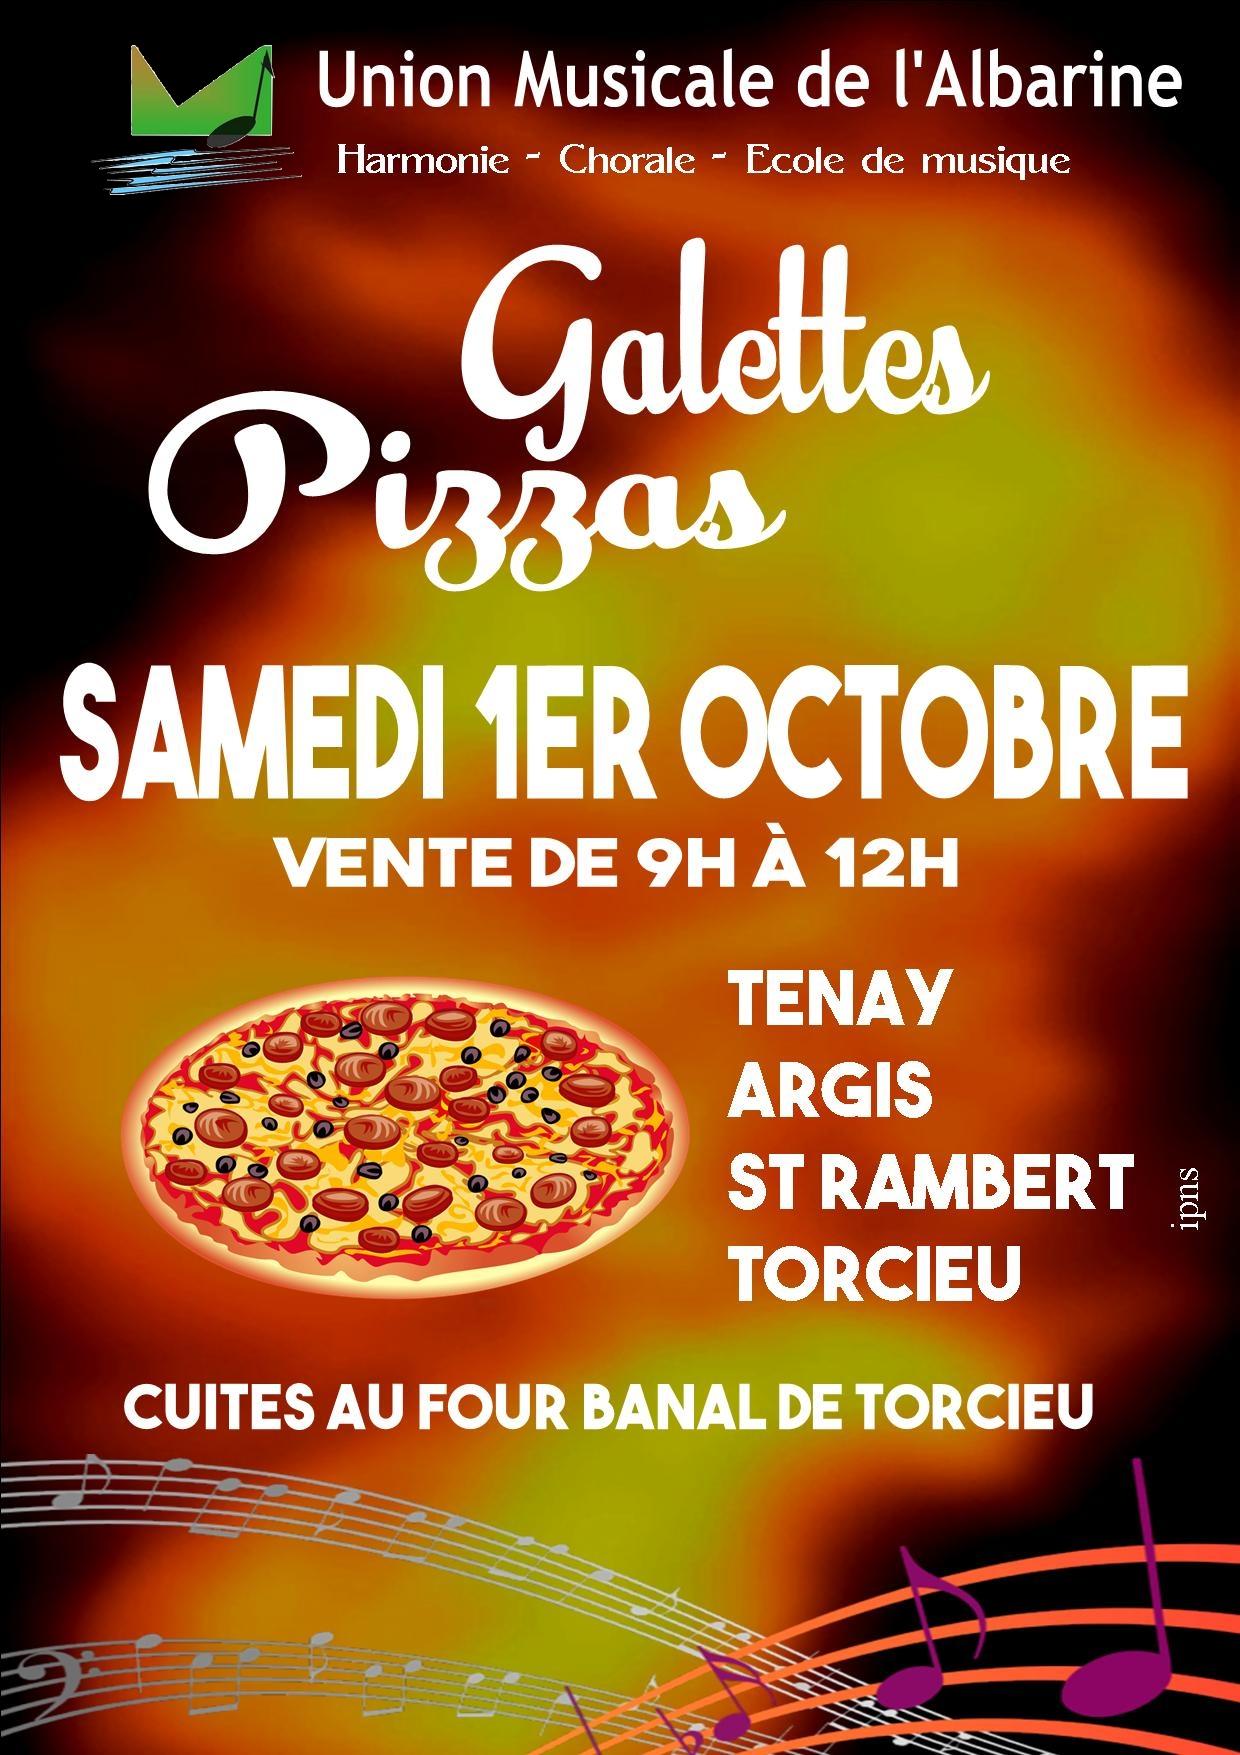 Galettes et Pizzas de l'Union Musicale de l'Albarine 2016